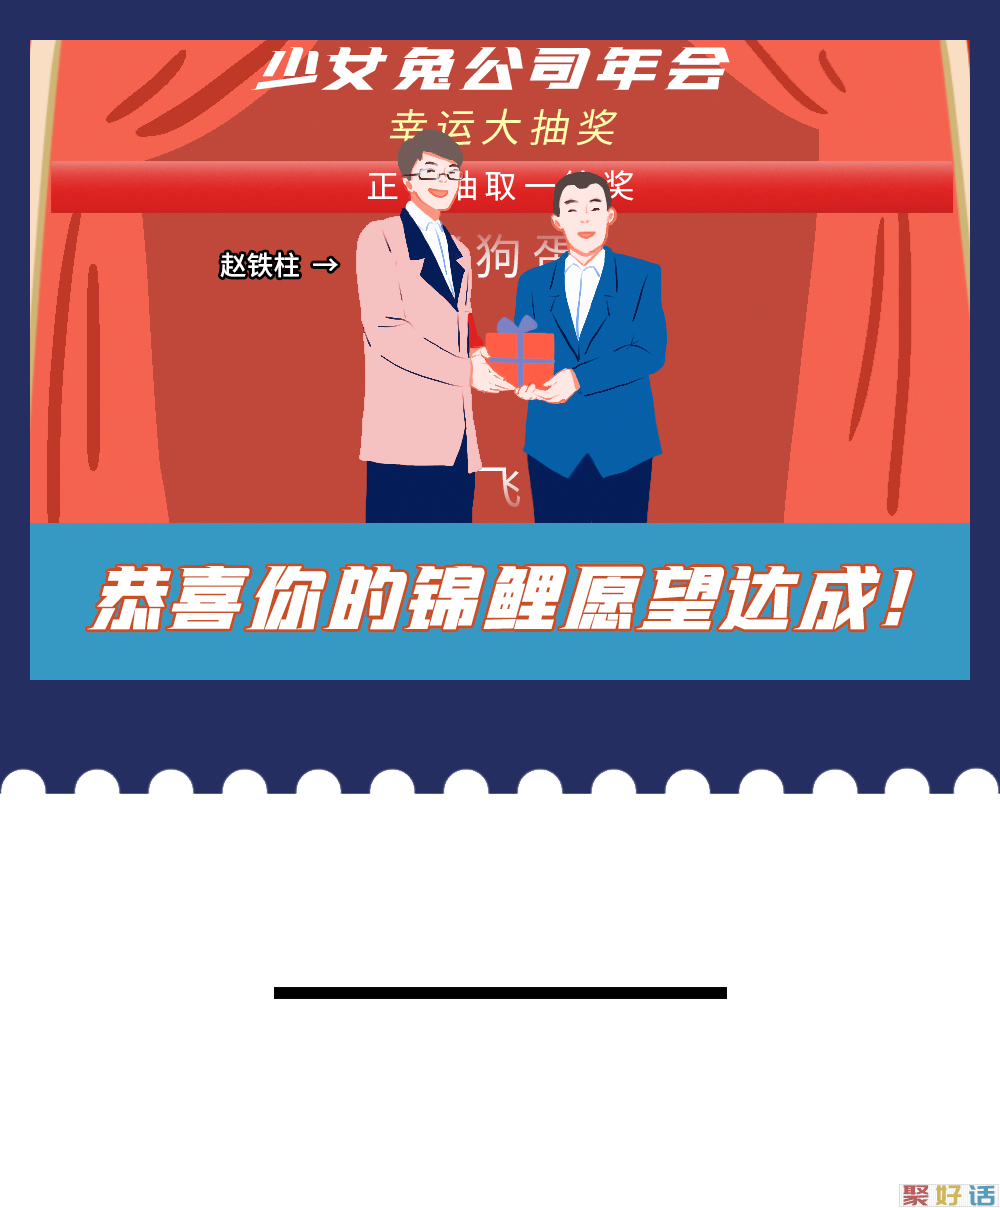 《2021跨年朋友圈优秀文案大赏》插图9